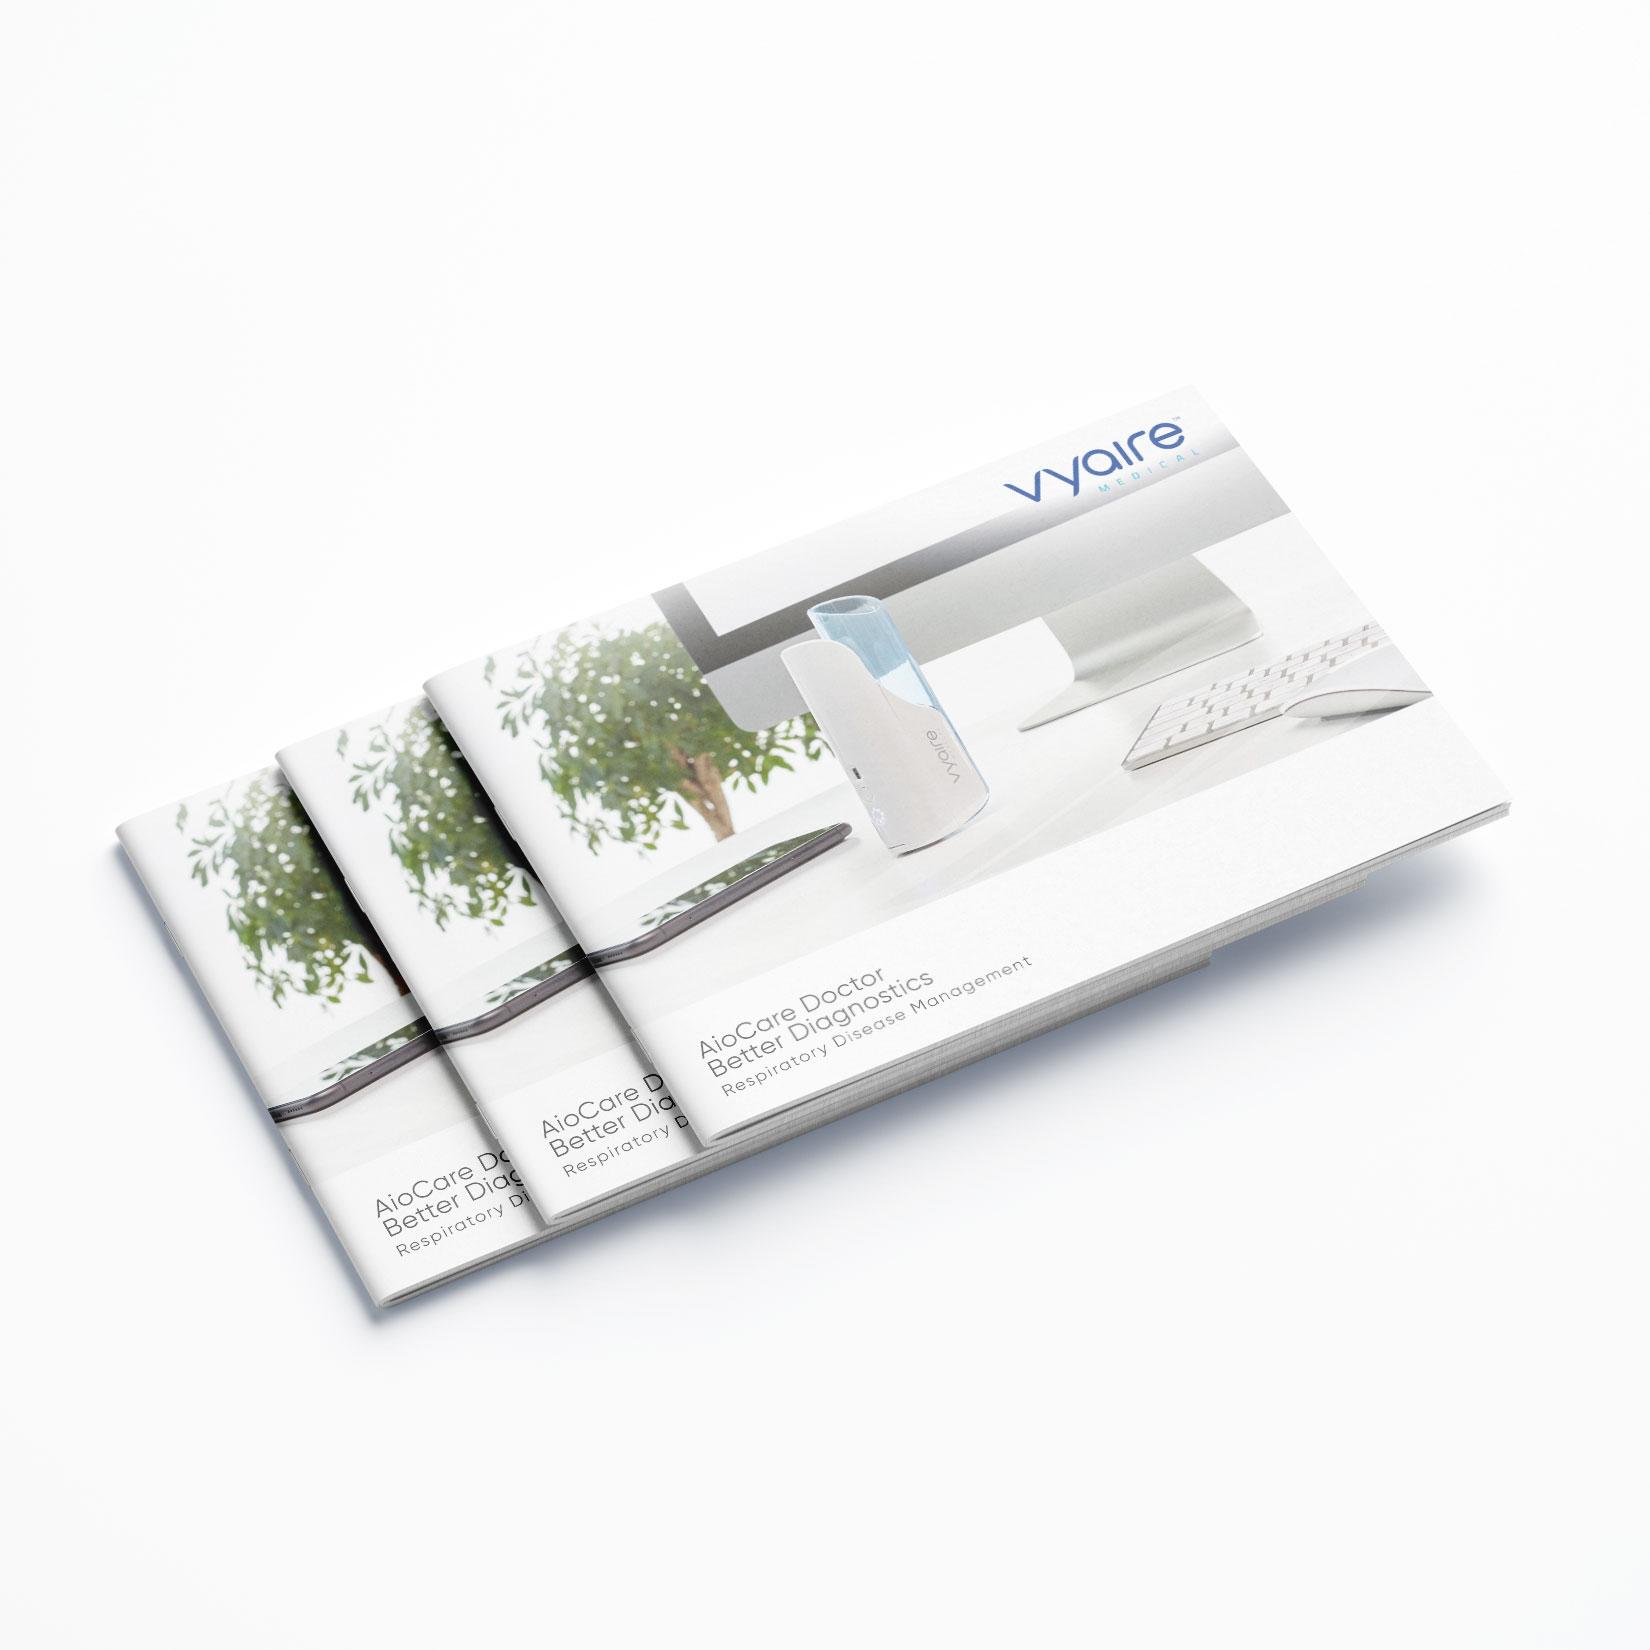 hochwertige Broschüre für Vyaire Medical AioCare